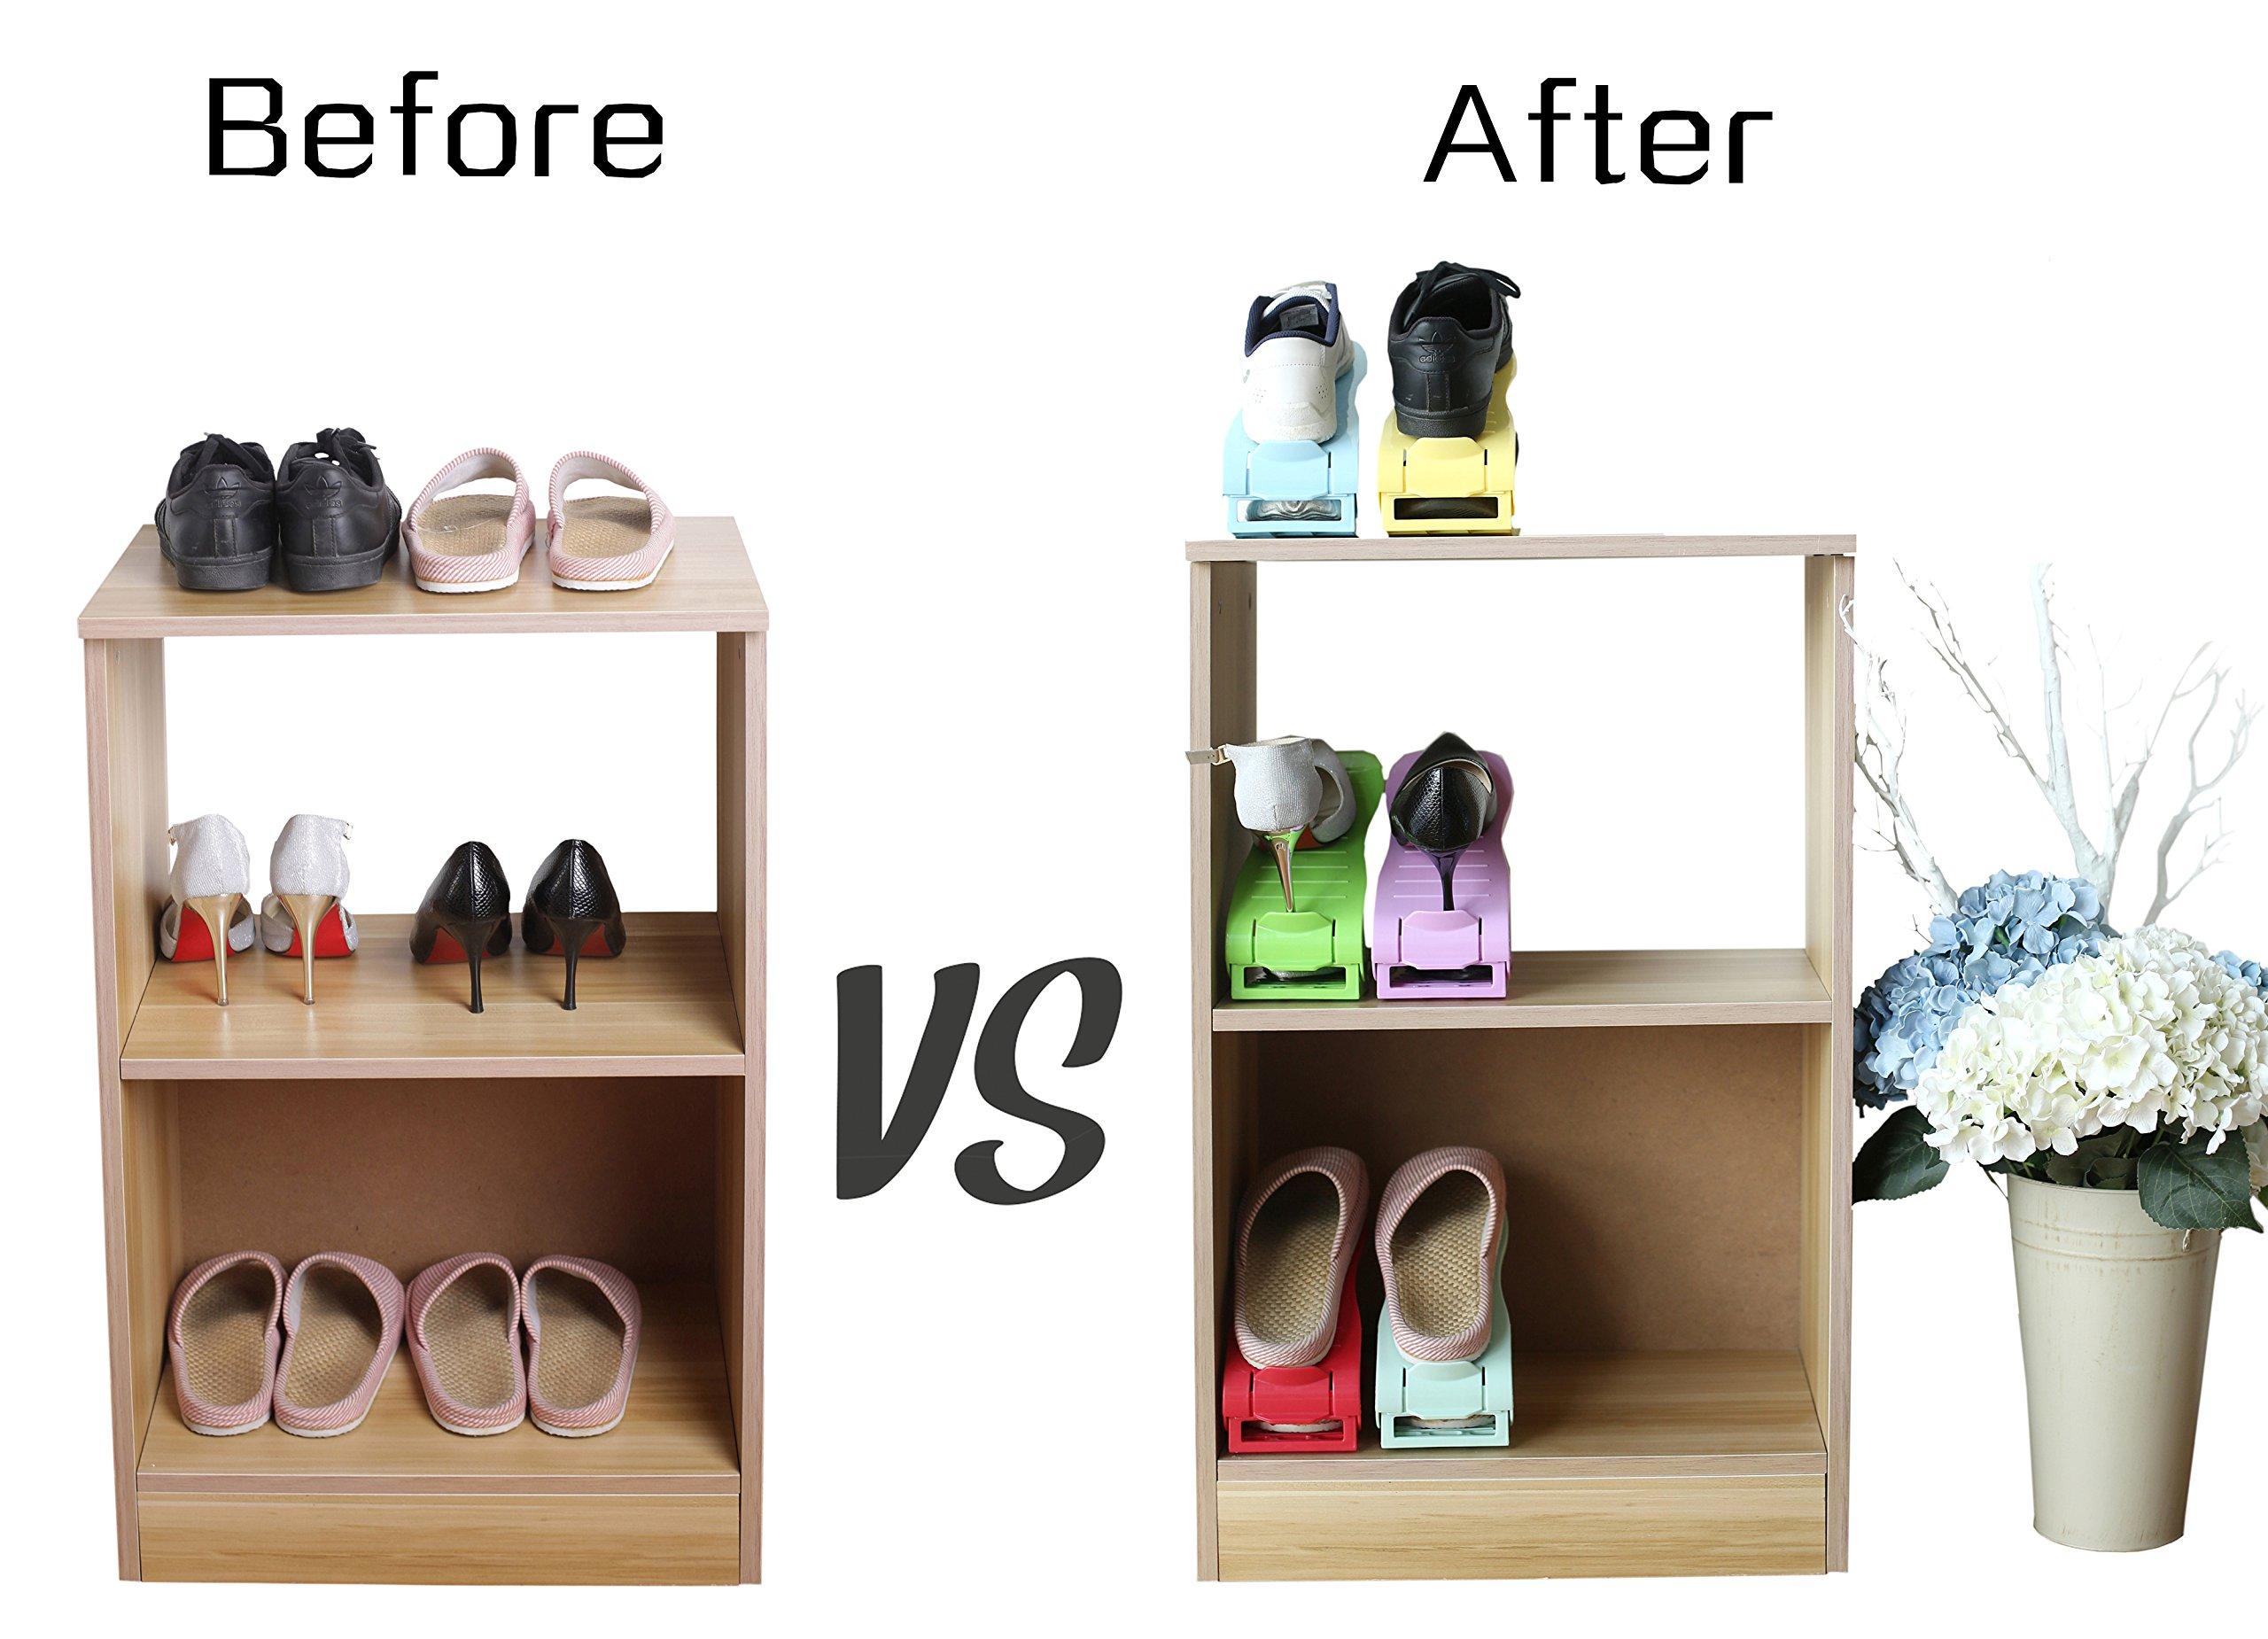 Mouselemur Shoe Slots Space Saver Shoe Stand Organizer | Adjustable Shoe Rack 6 Piece Set by Mouselemur (Image #7)